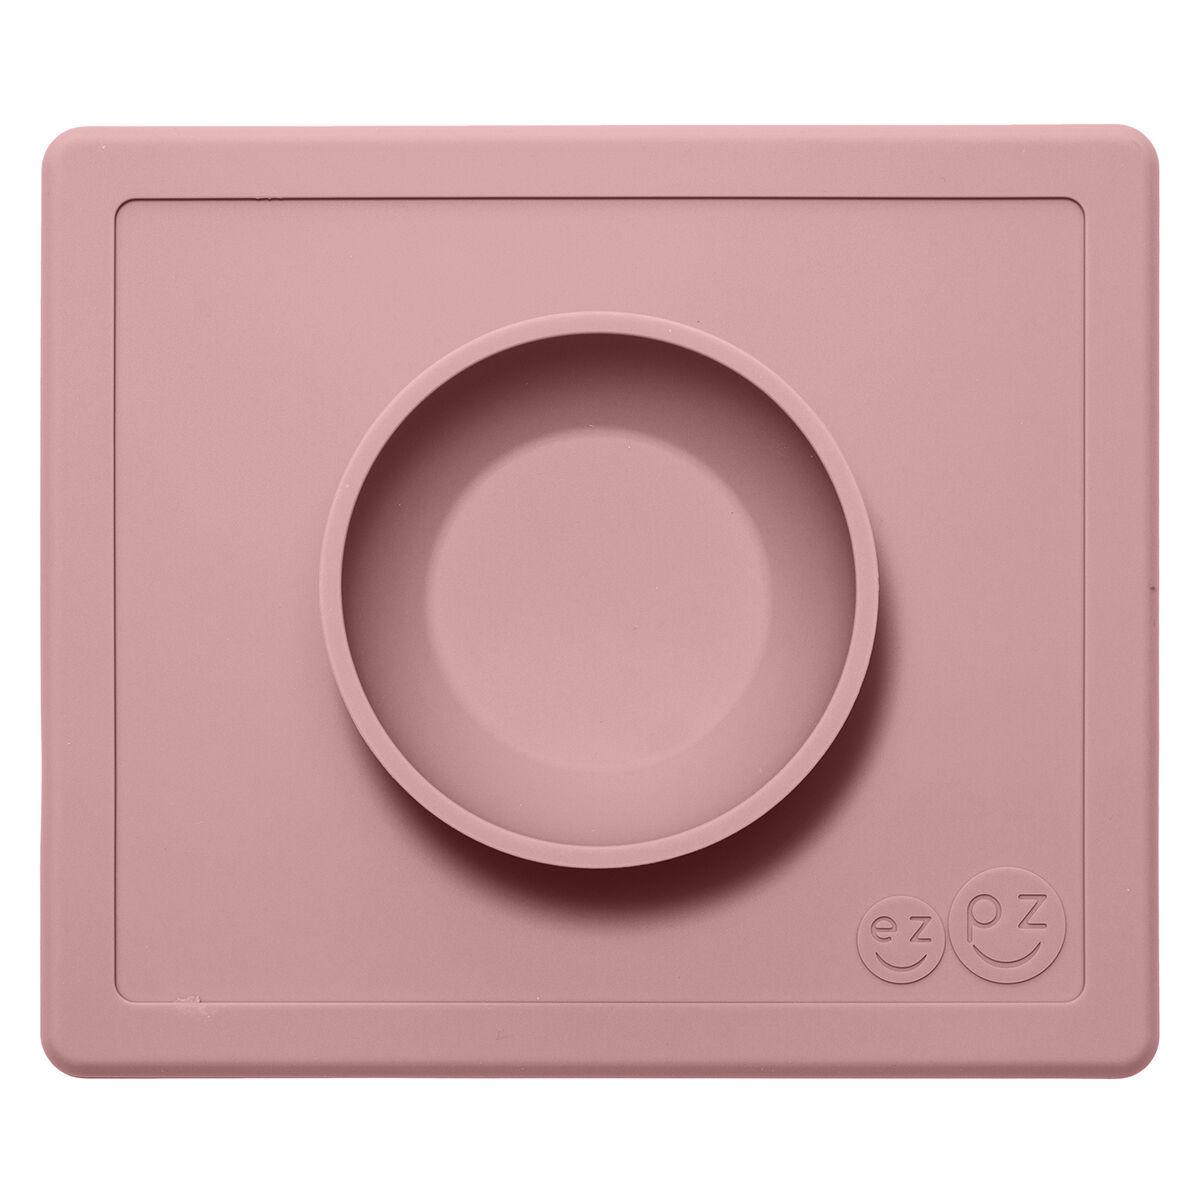 ezpz Set de Table et Assiette Tout-en-1 Irrenversable Happy Bowl - Rose Poudré